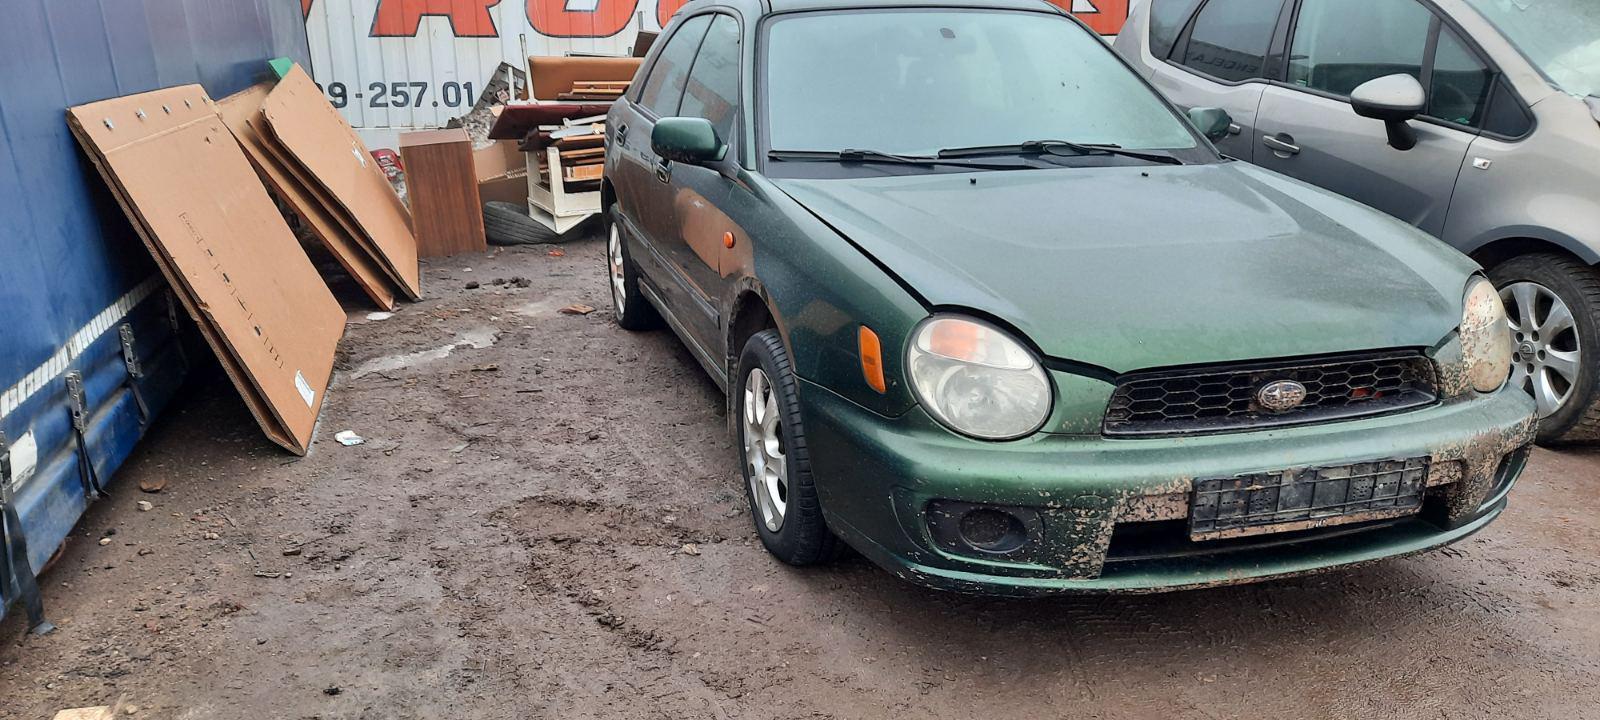 Подержанные Автозапчасти Subaru IMPREZA 2002 1.6 машиностроение универсал 4/5 d. зеленый 2021-3-04